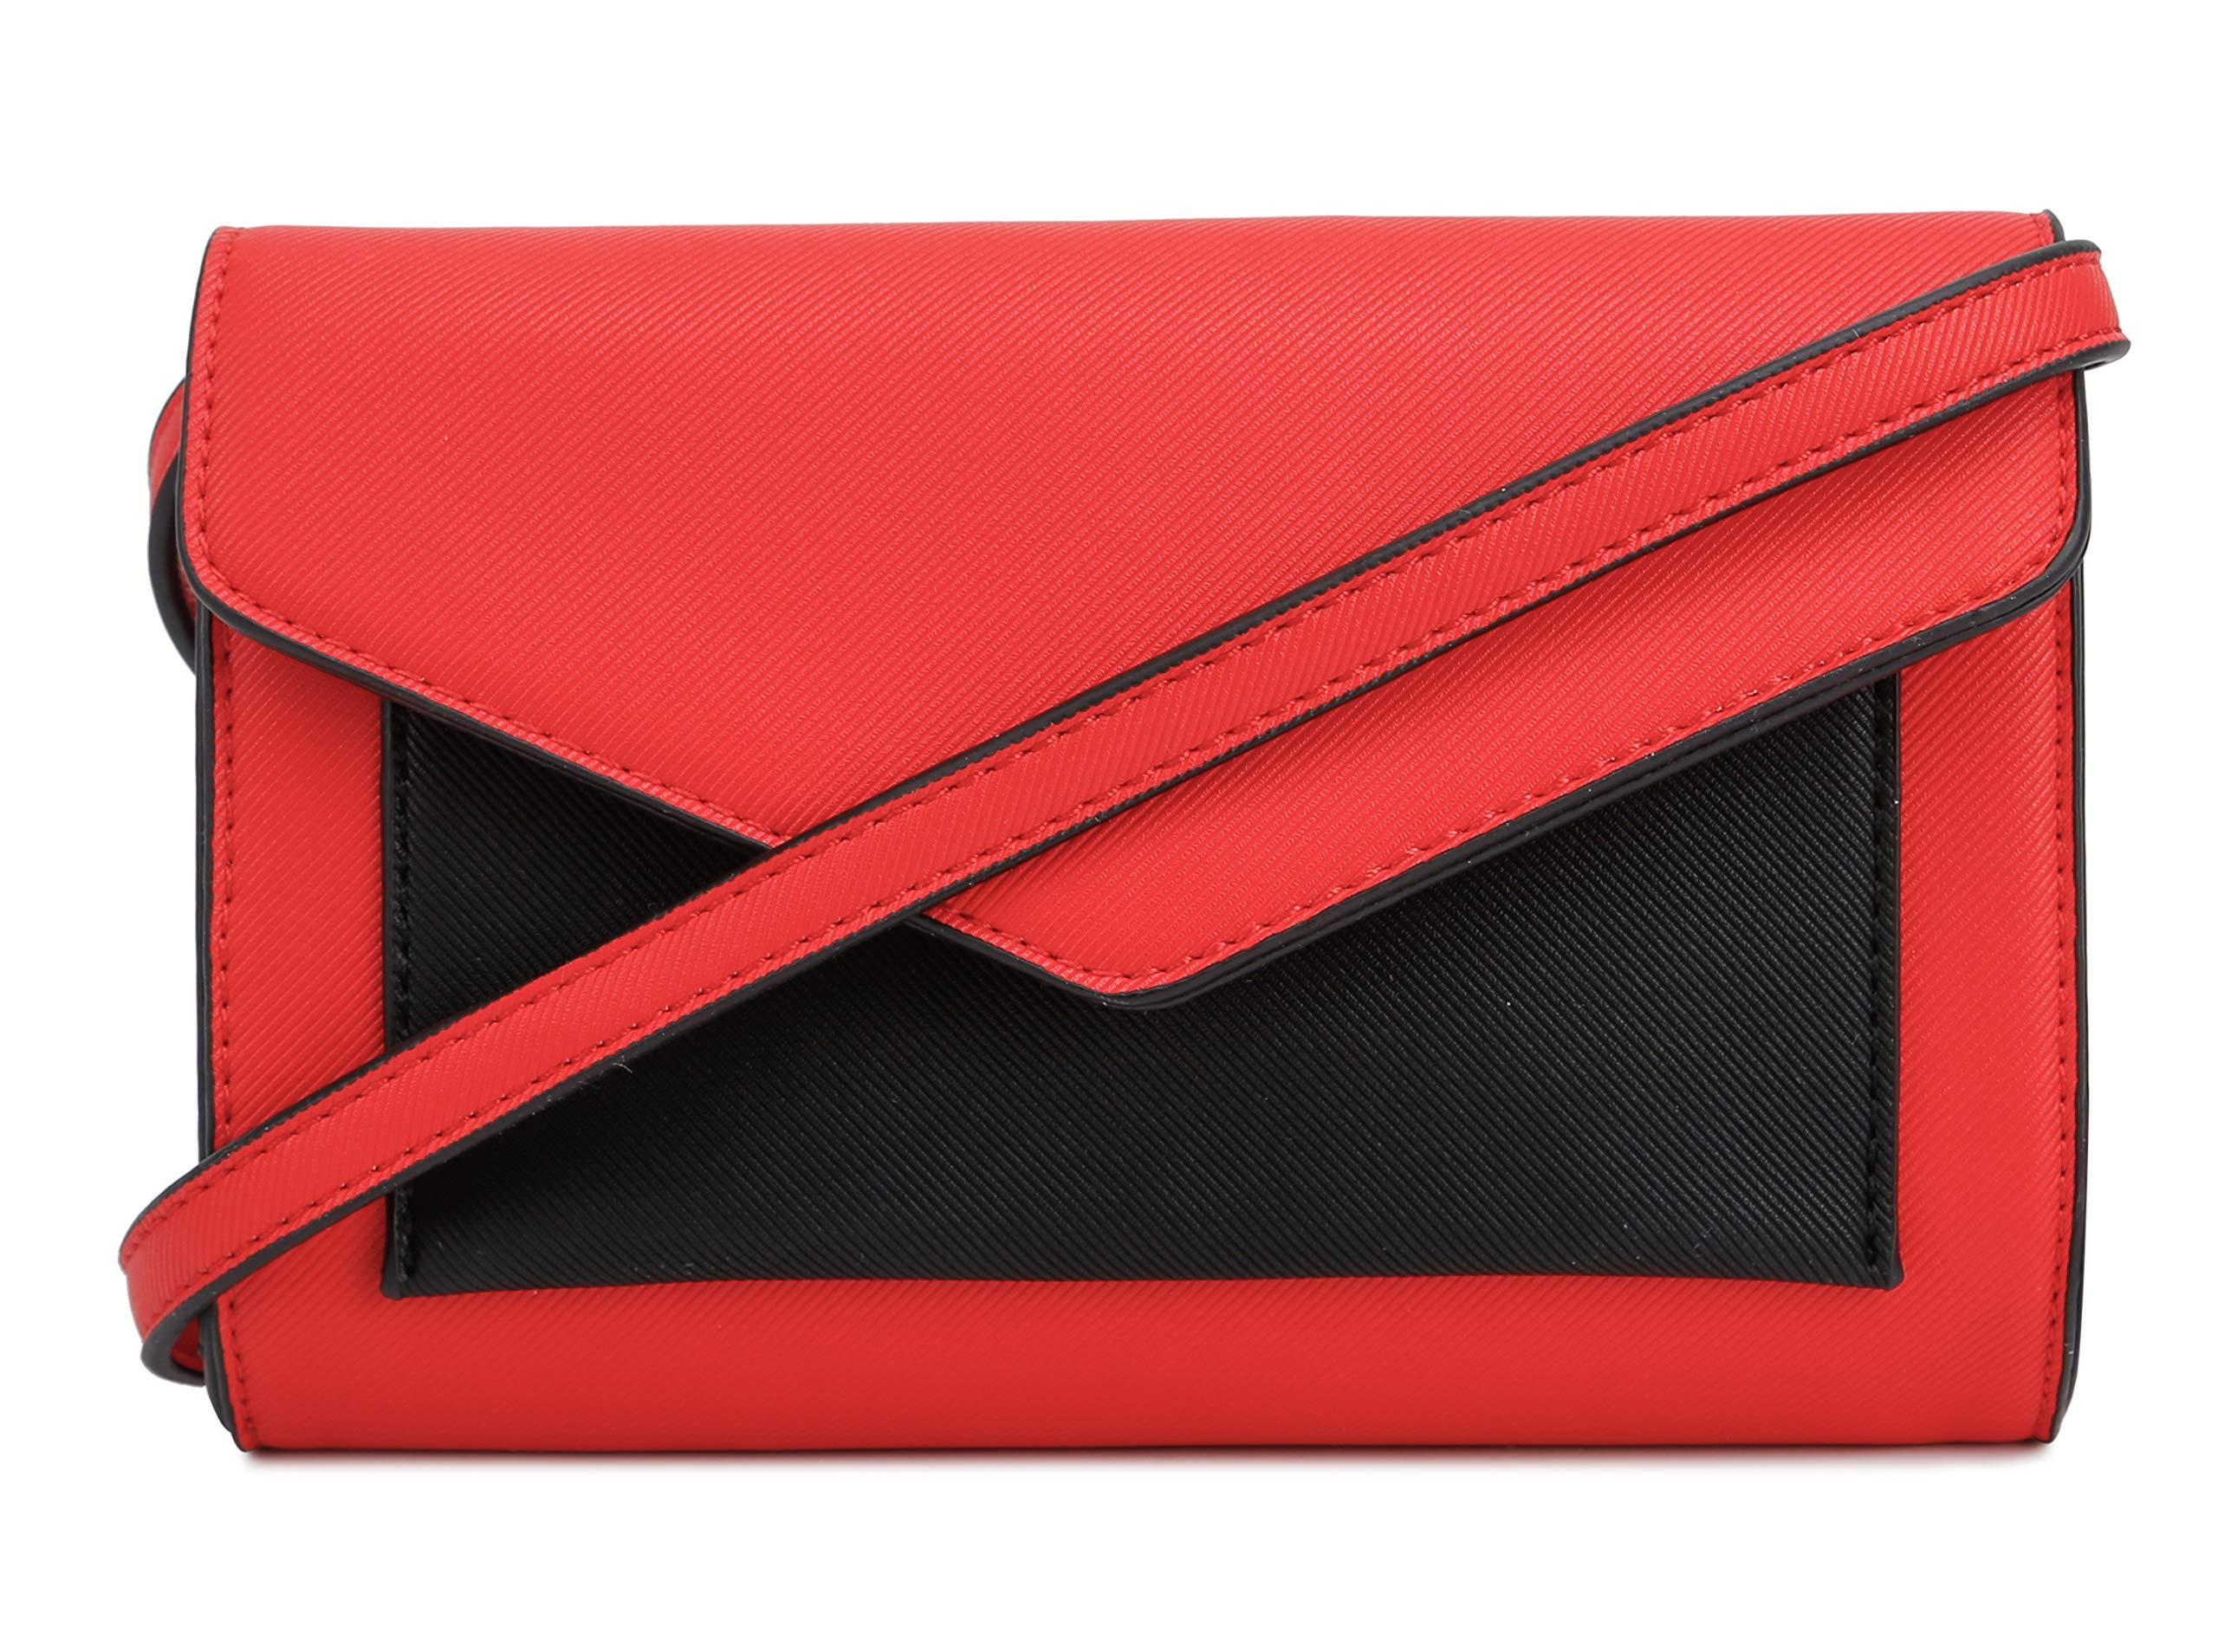 Lily Jane Women's Envelope Clutch Crossbody Wallet (Red/Black)